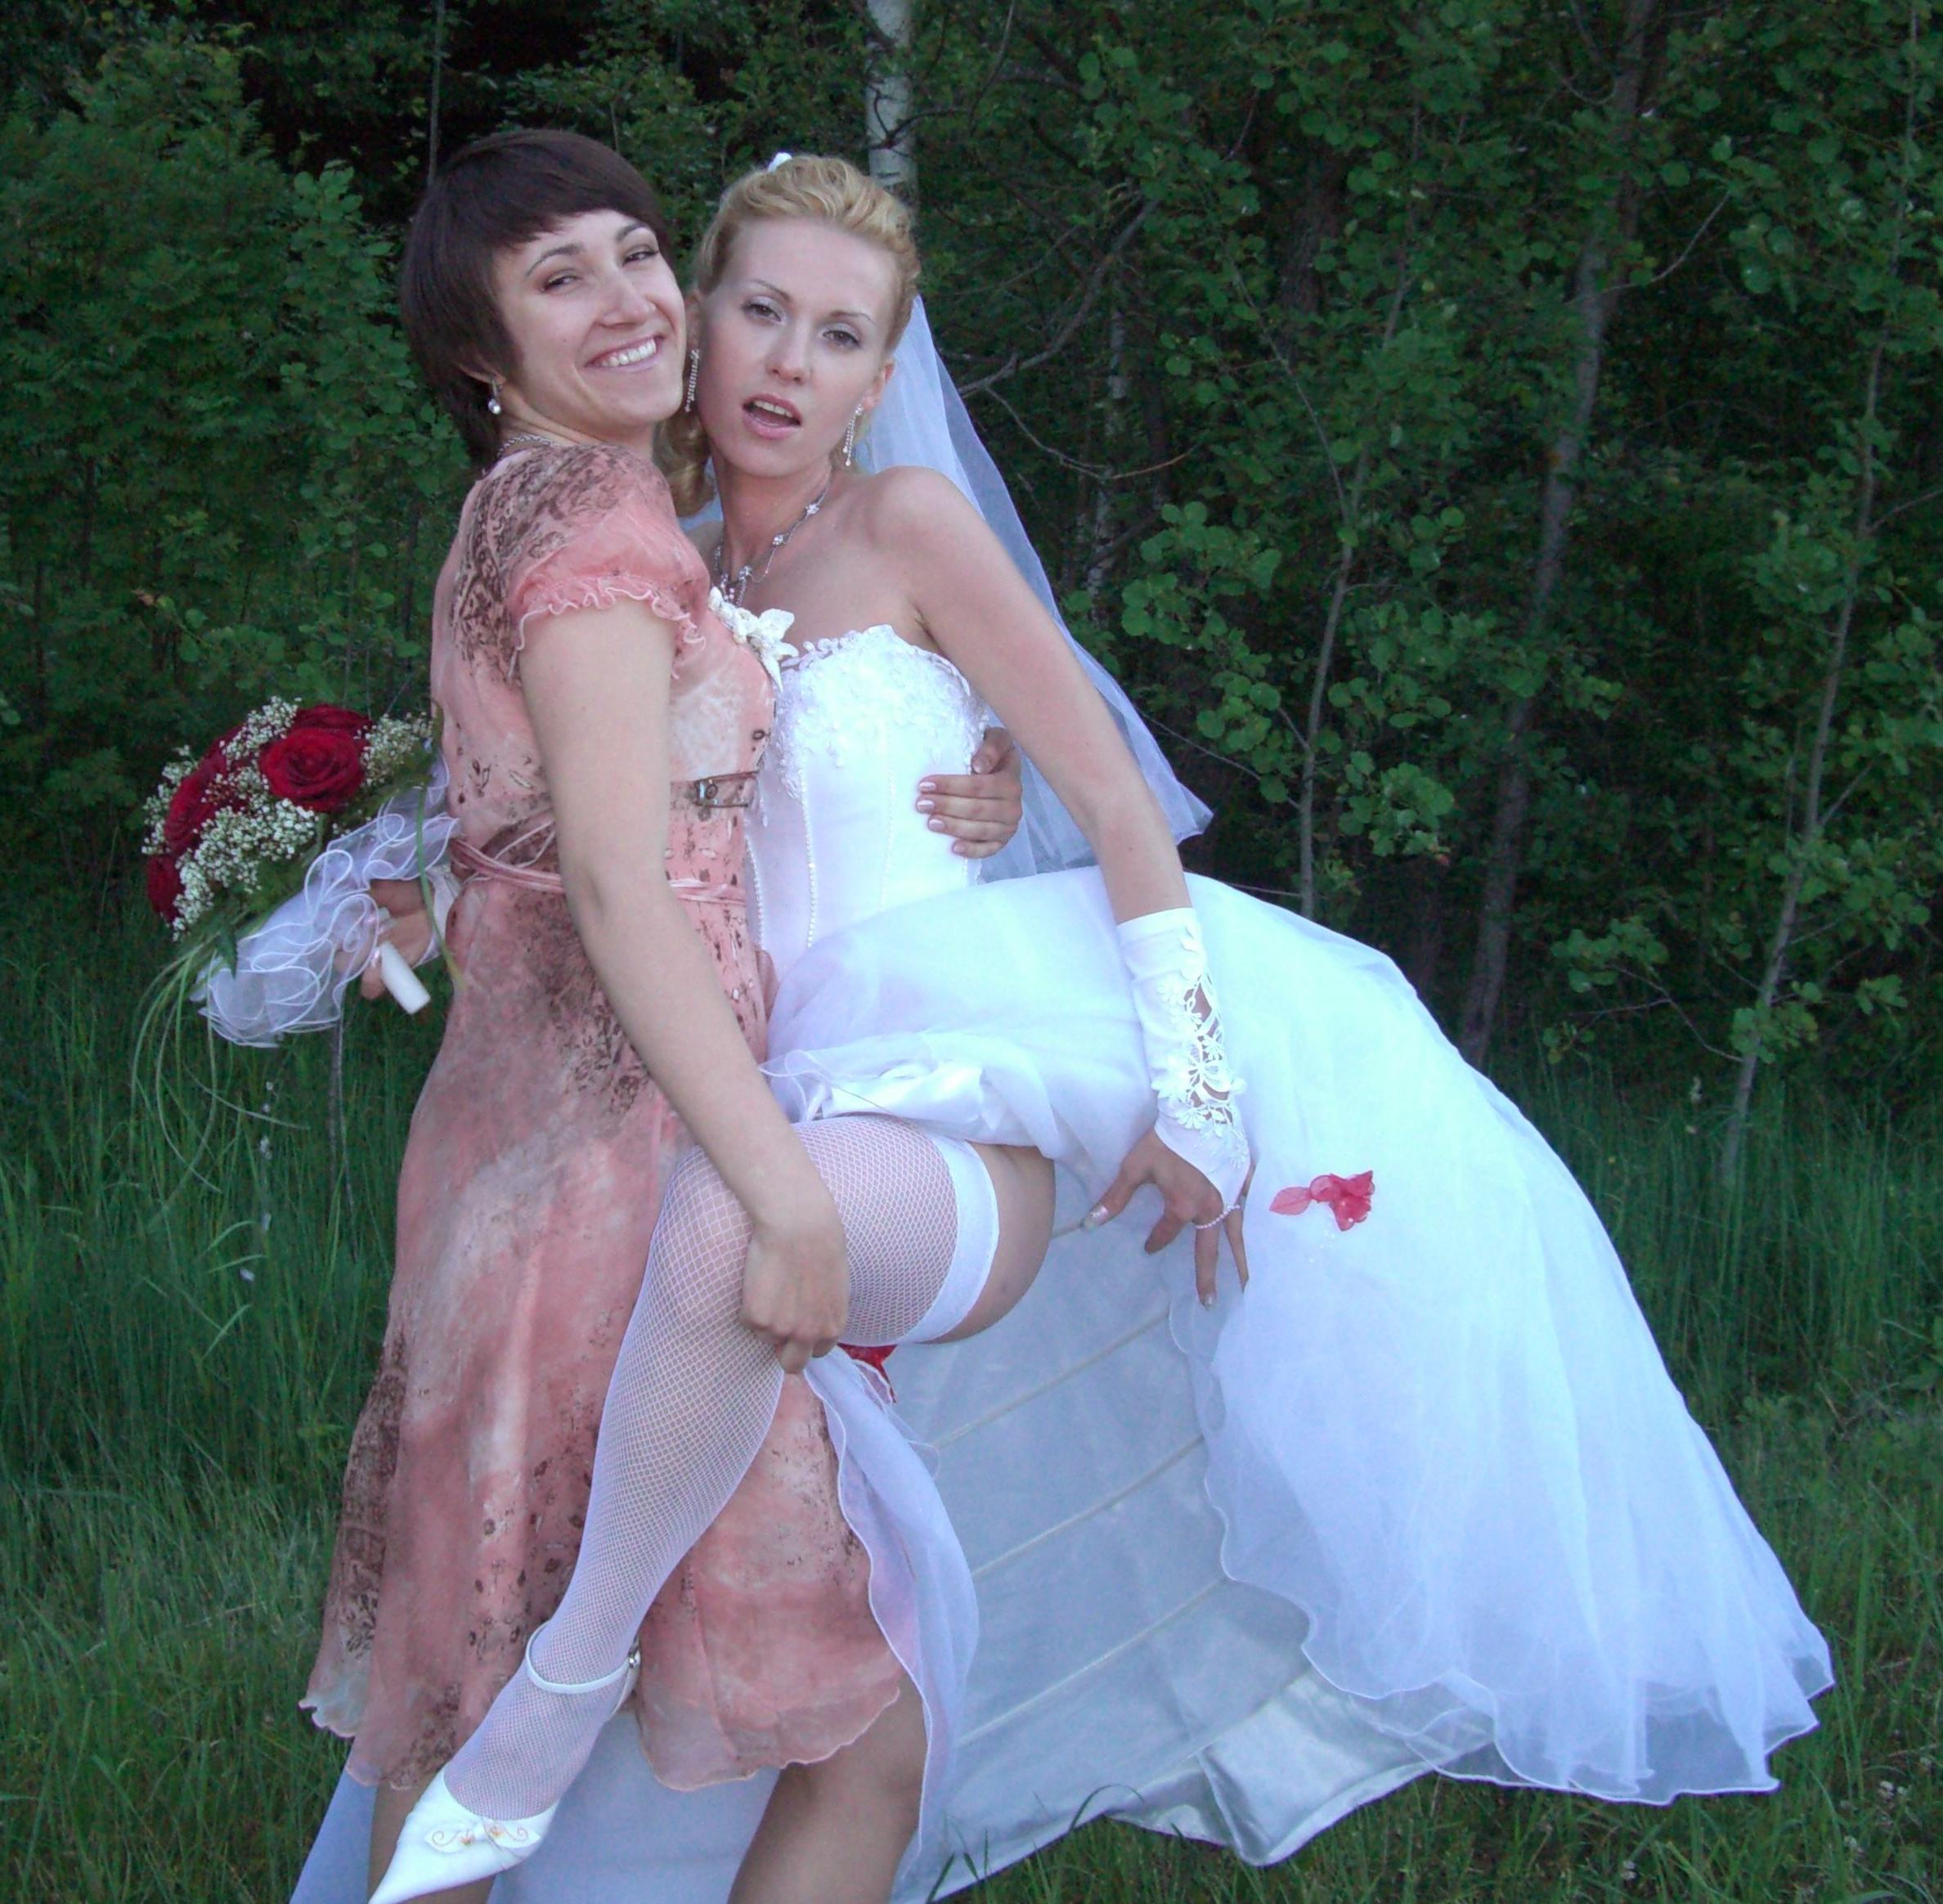 Фото свадьбы с голой невестой 18 фотография